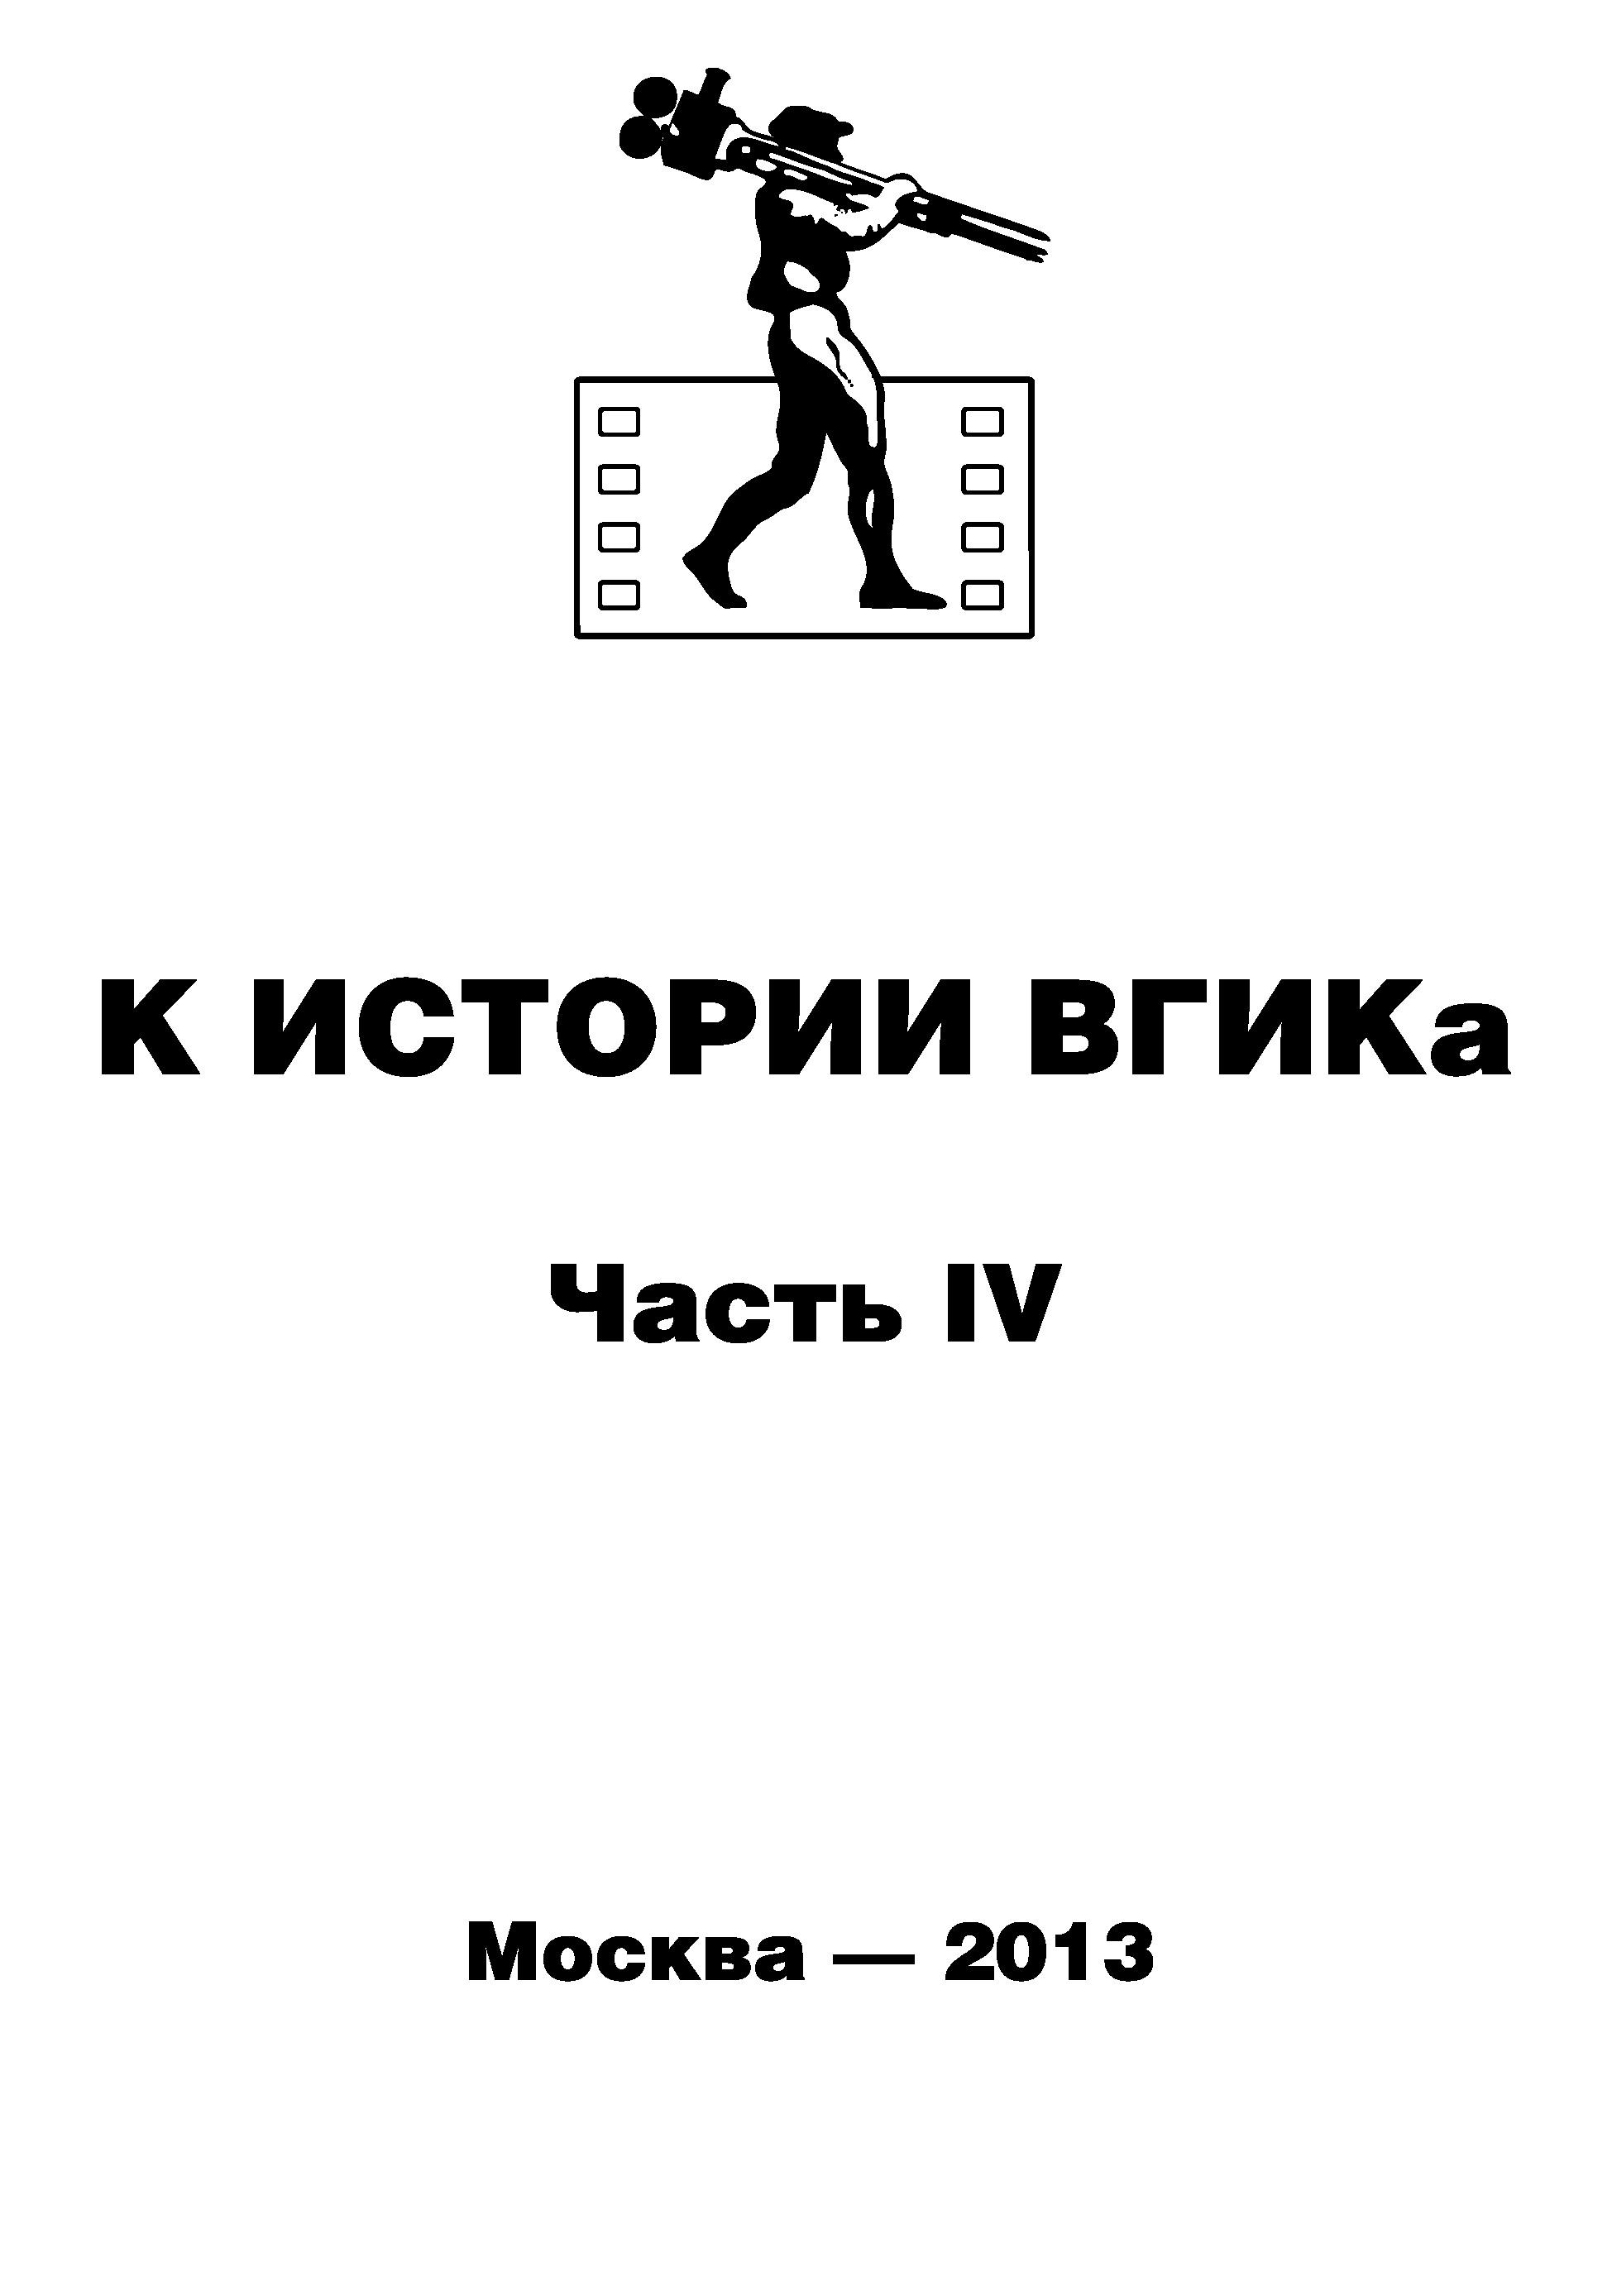 К истории ВГИКа. Книга IV. (1956-1965). Документы. Пресса. Воспоминания. Интервью